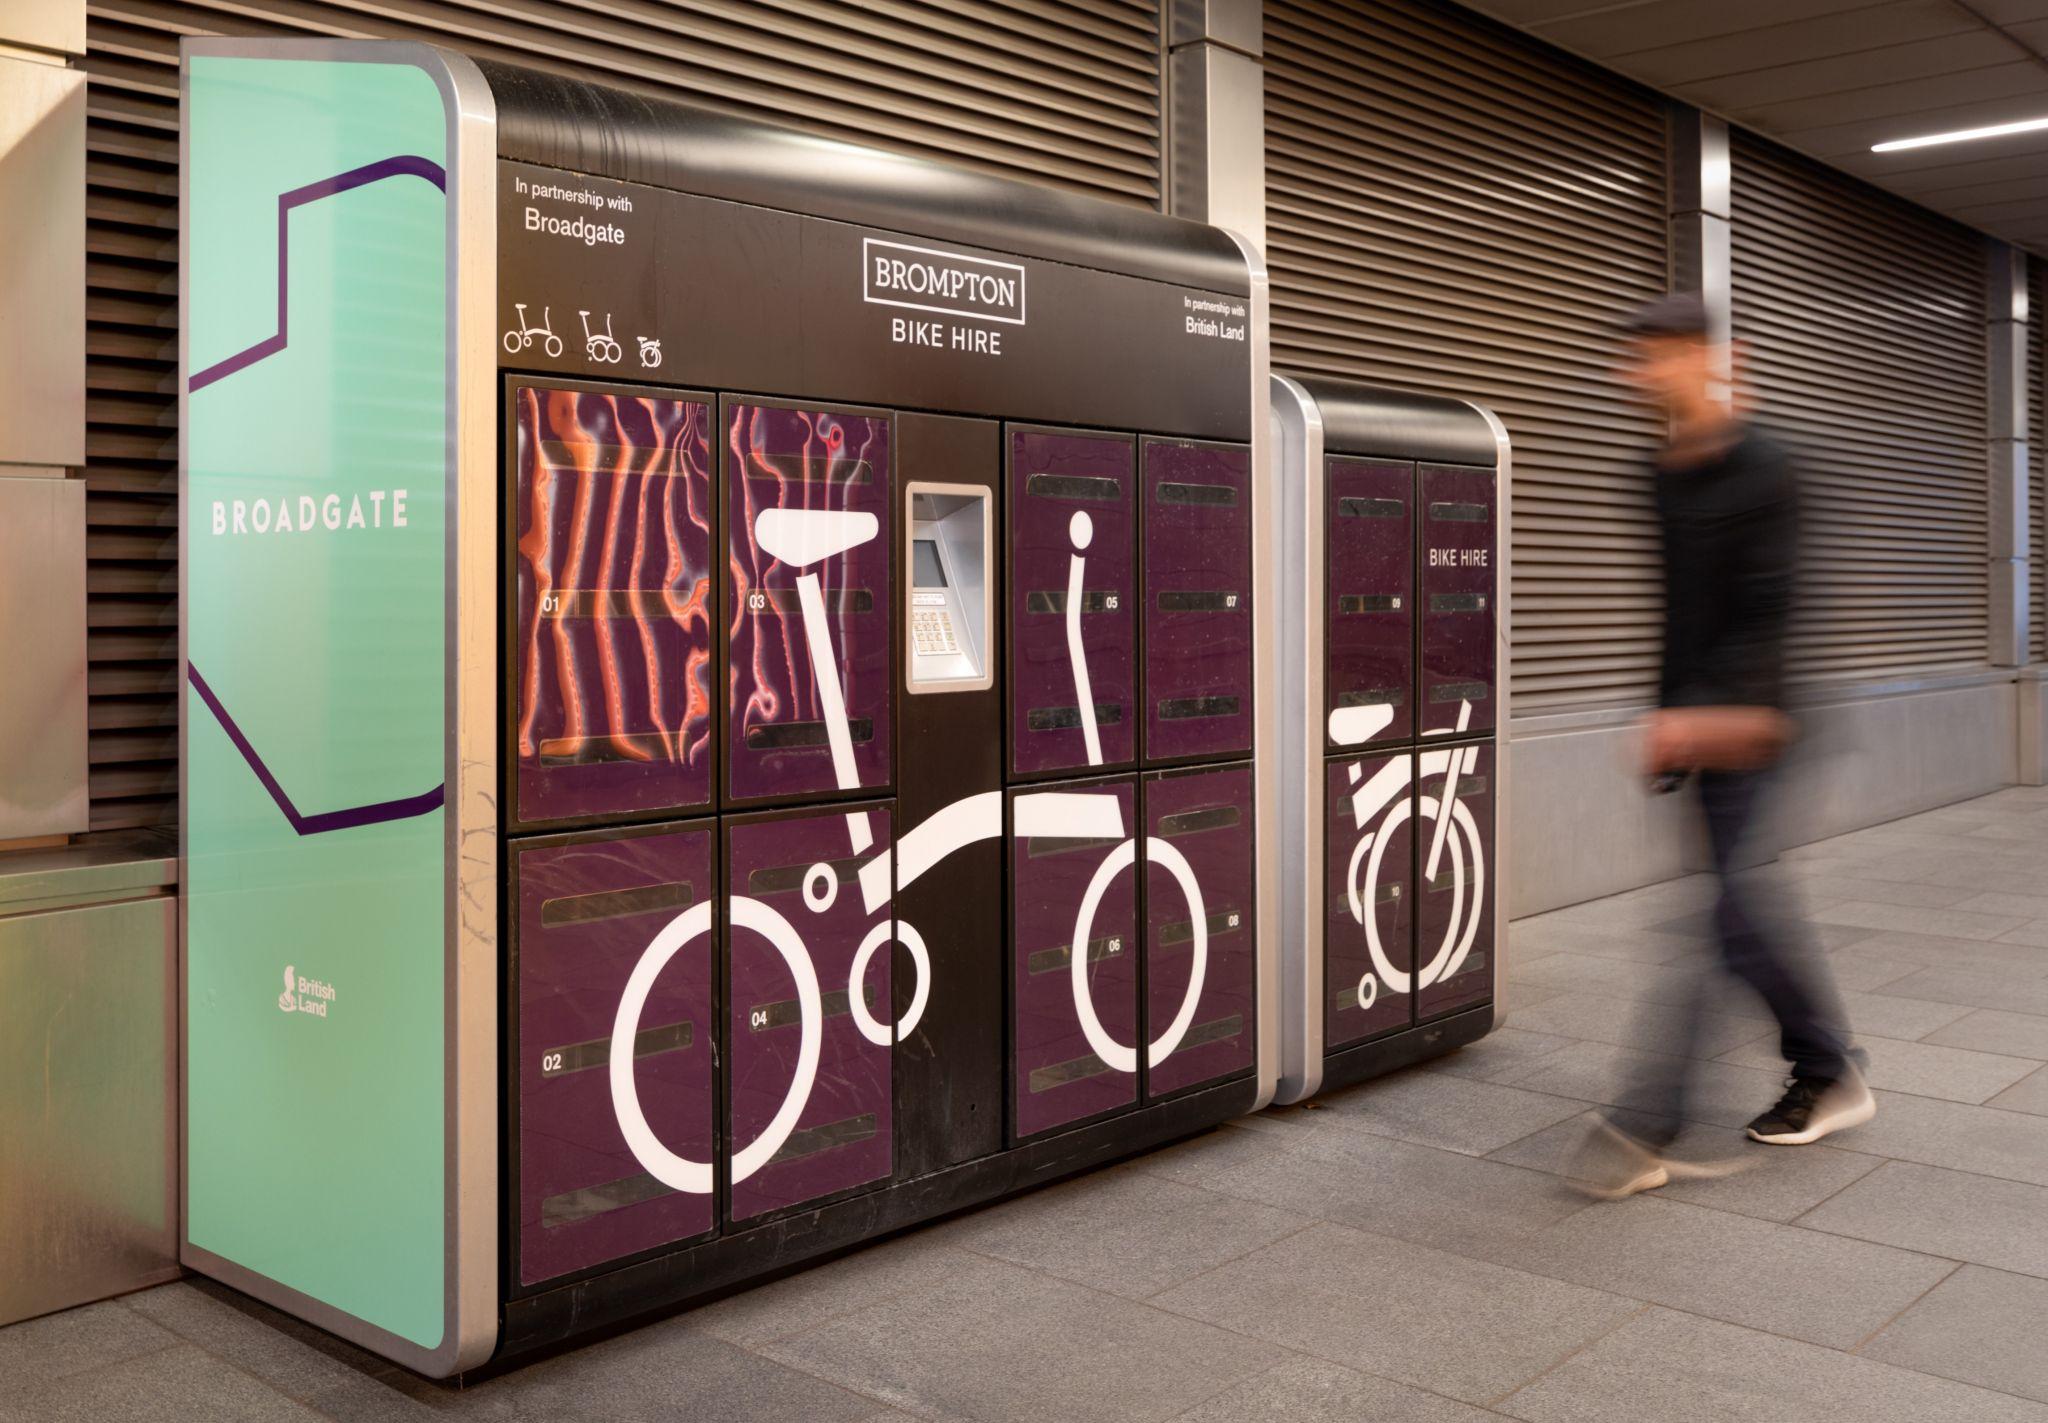 Brompton bike lockers at Broadgate